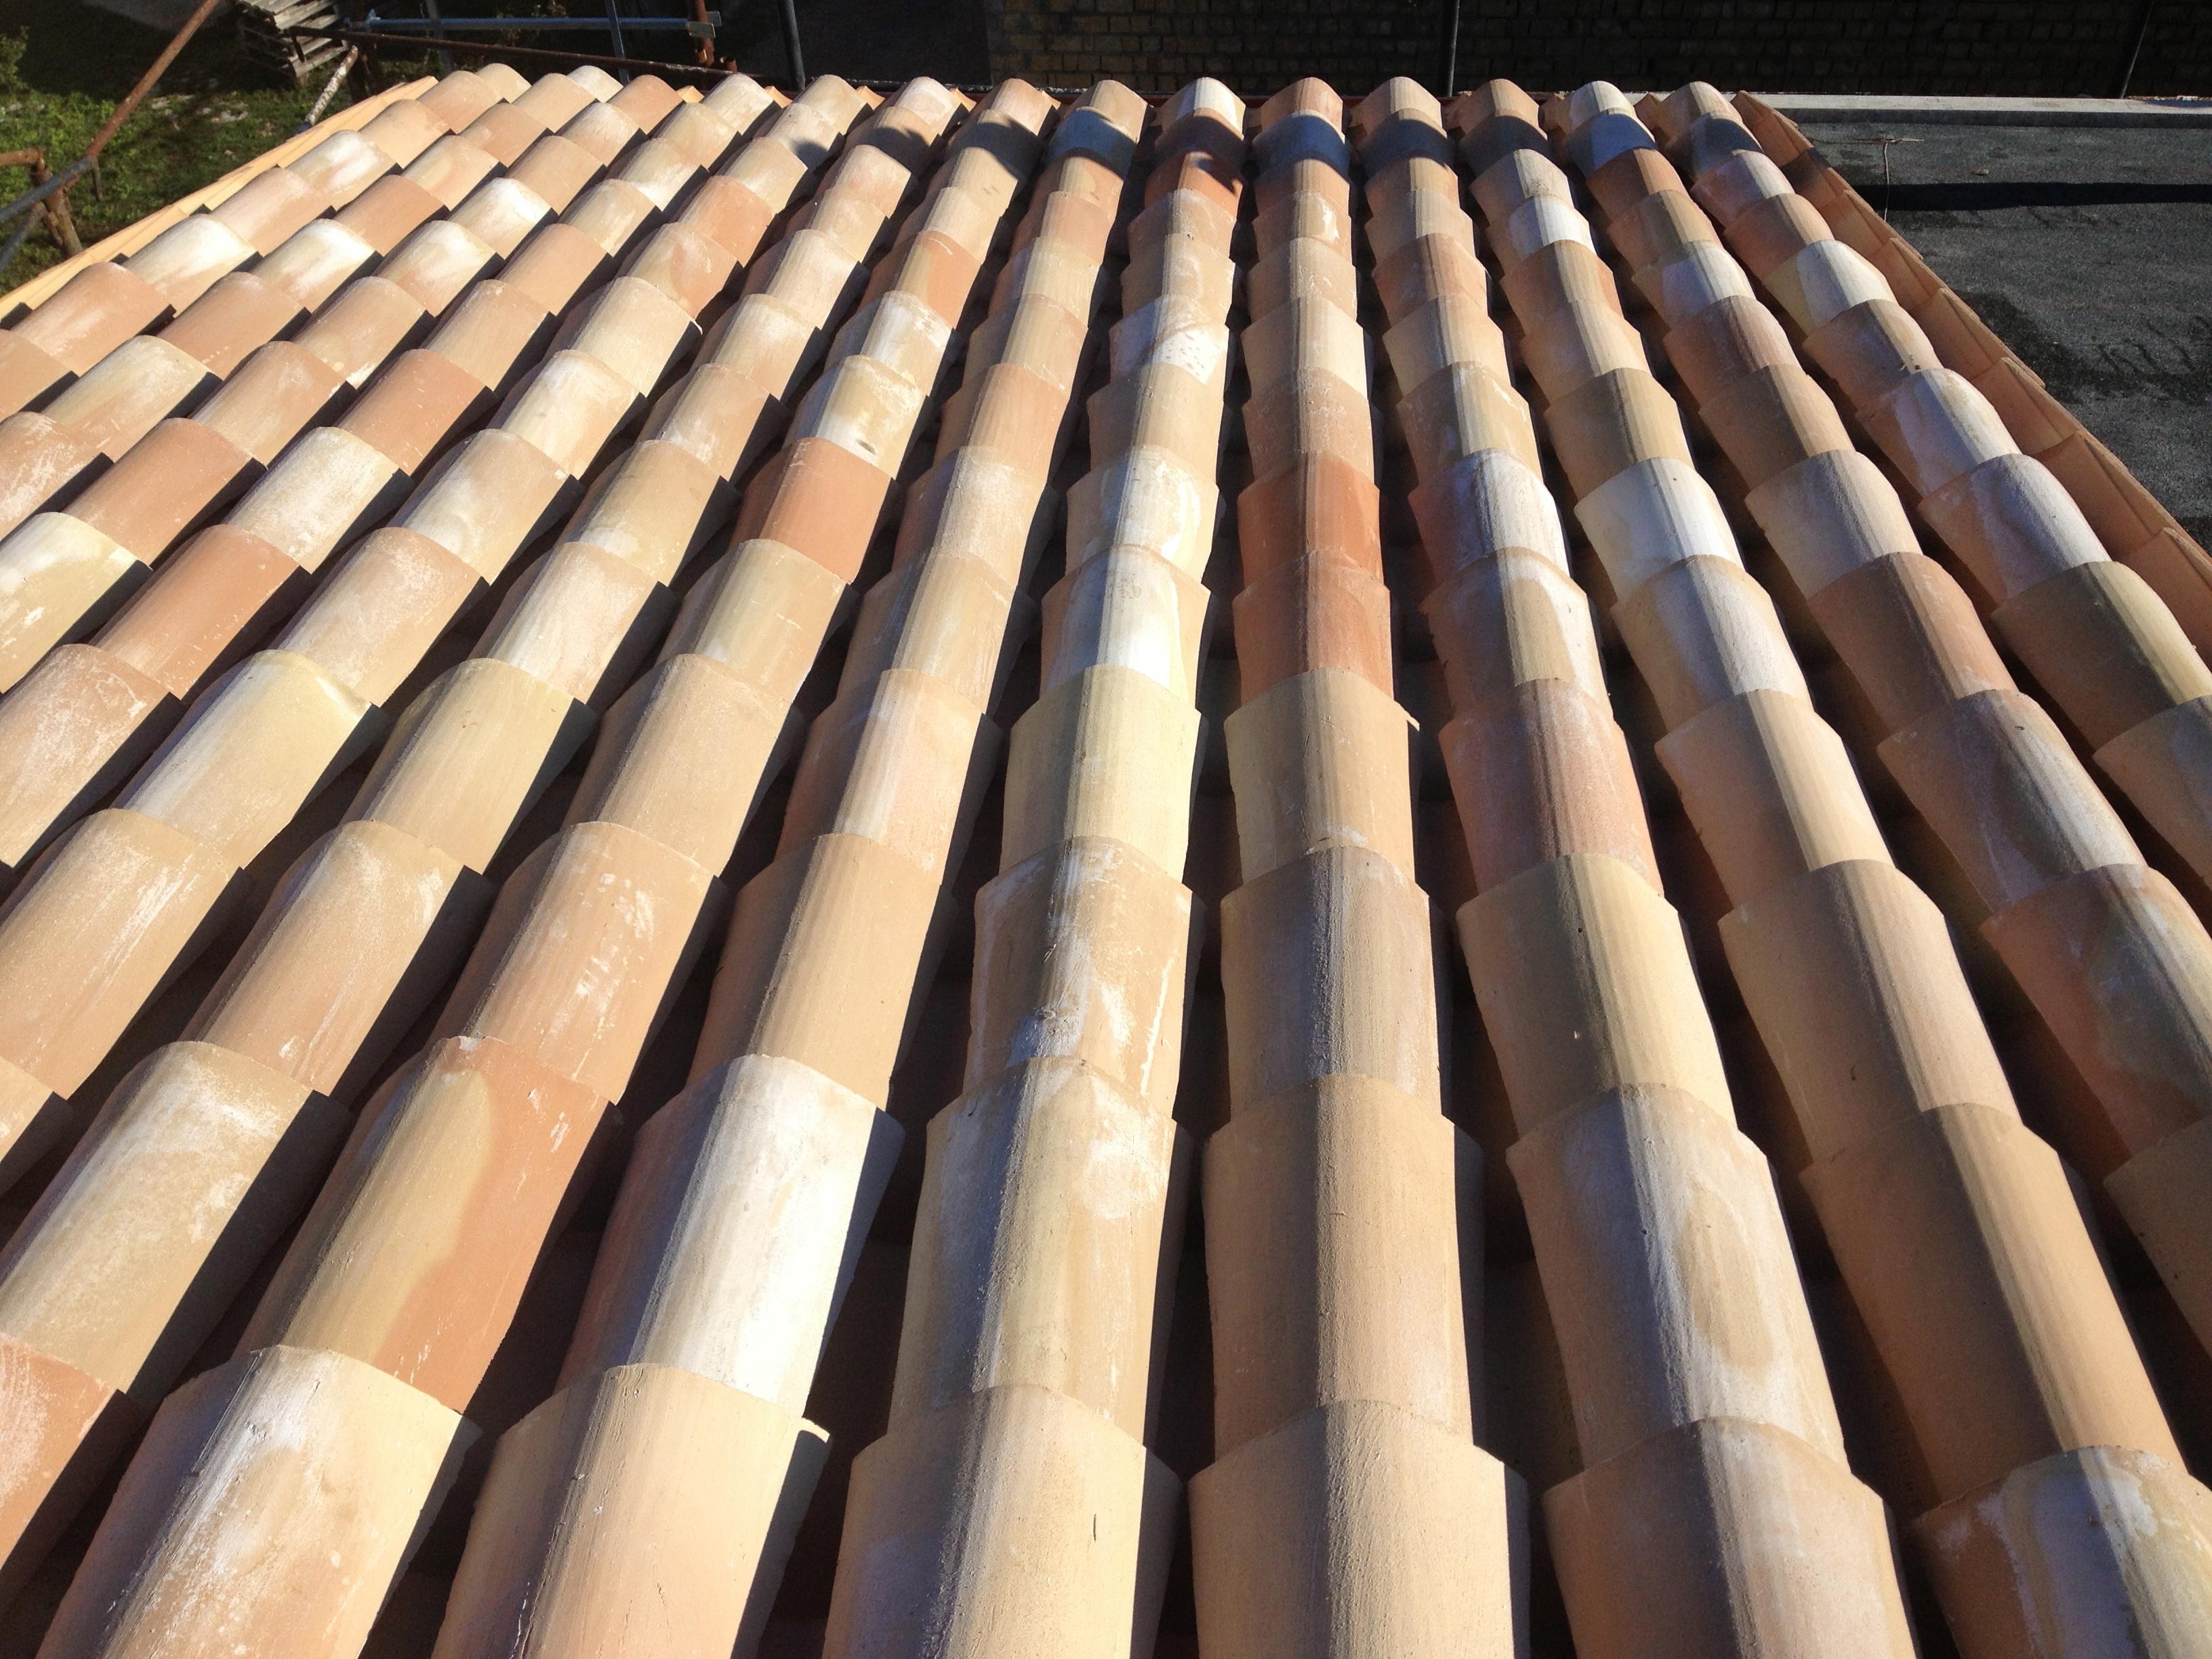 Quanto costa rifare il tetto amazing quanto costa rifare for Quanto costa costruire un portico anteriore